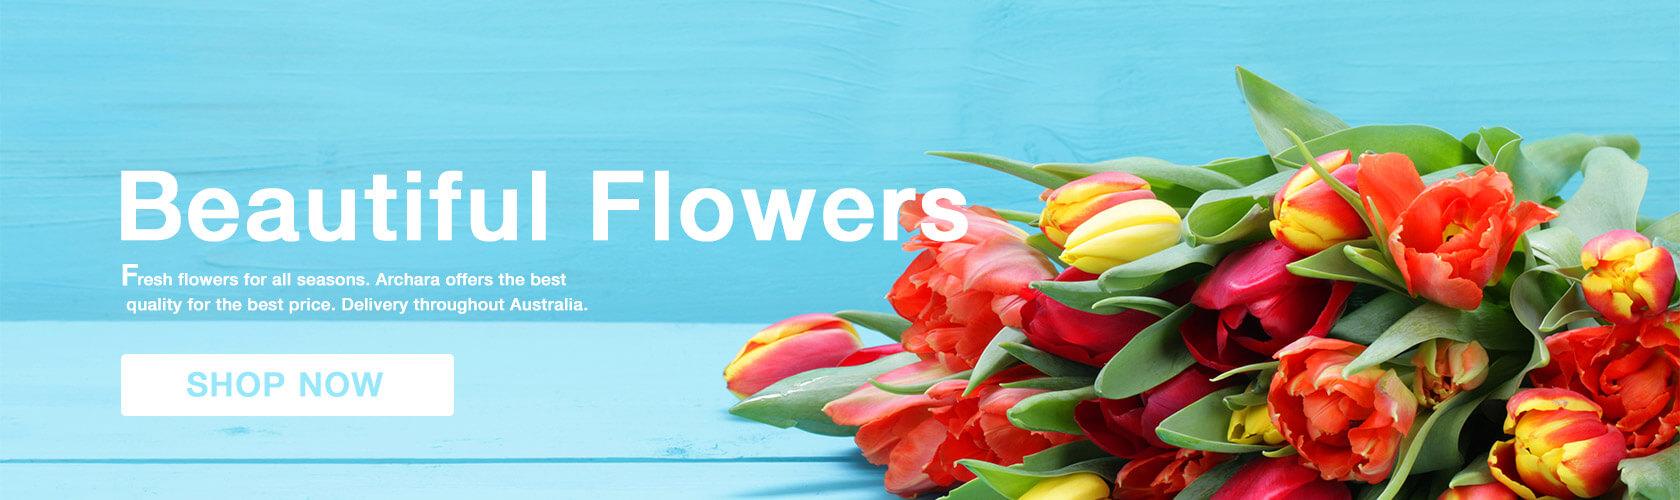 Archara florist flower delivery brisbane wedding flowers banner izmirmasajfo